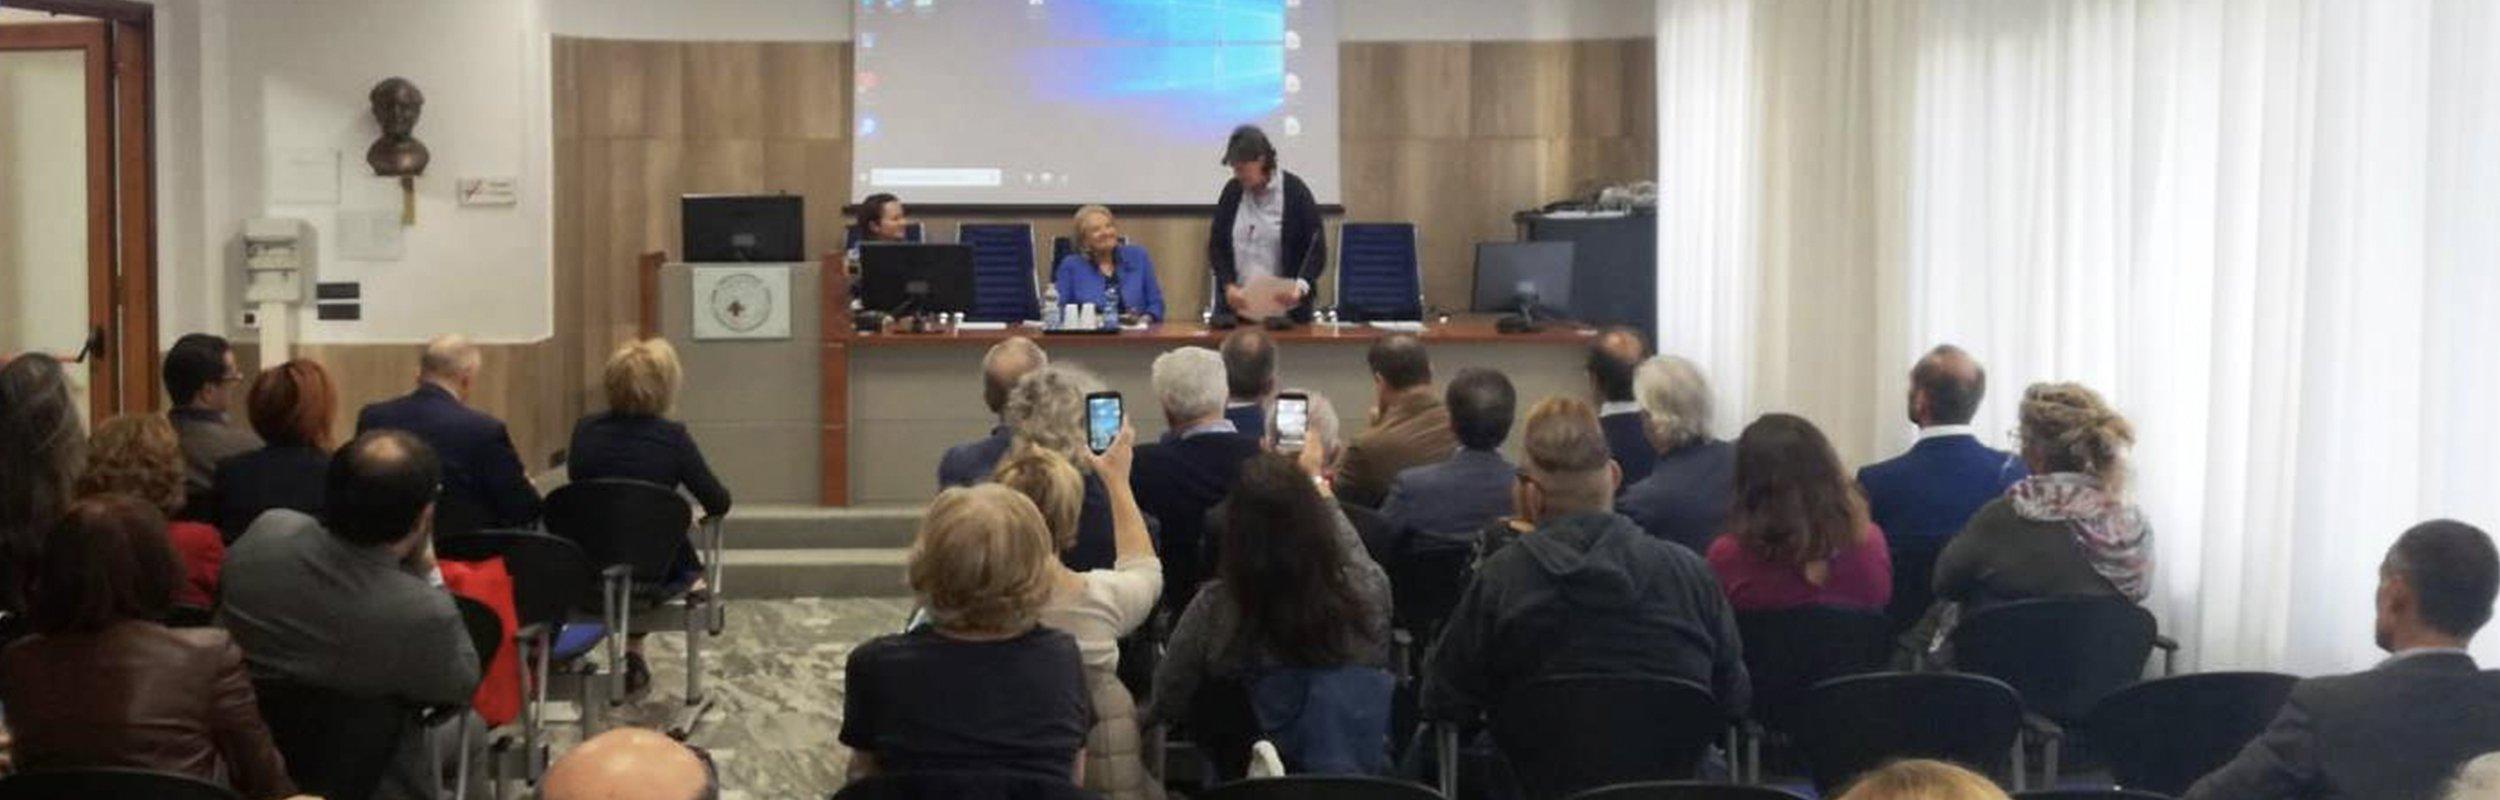 Al 18 ottobre l'87% dei toscani ha detto Sì alla donazione